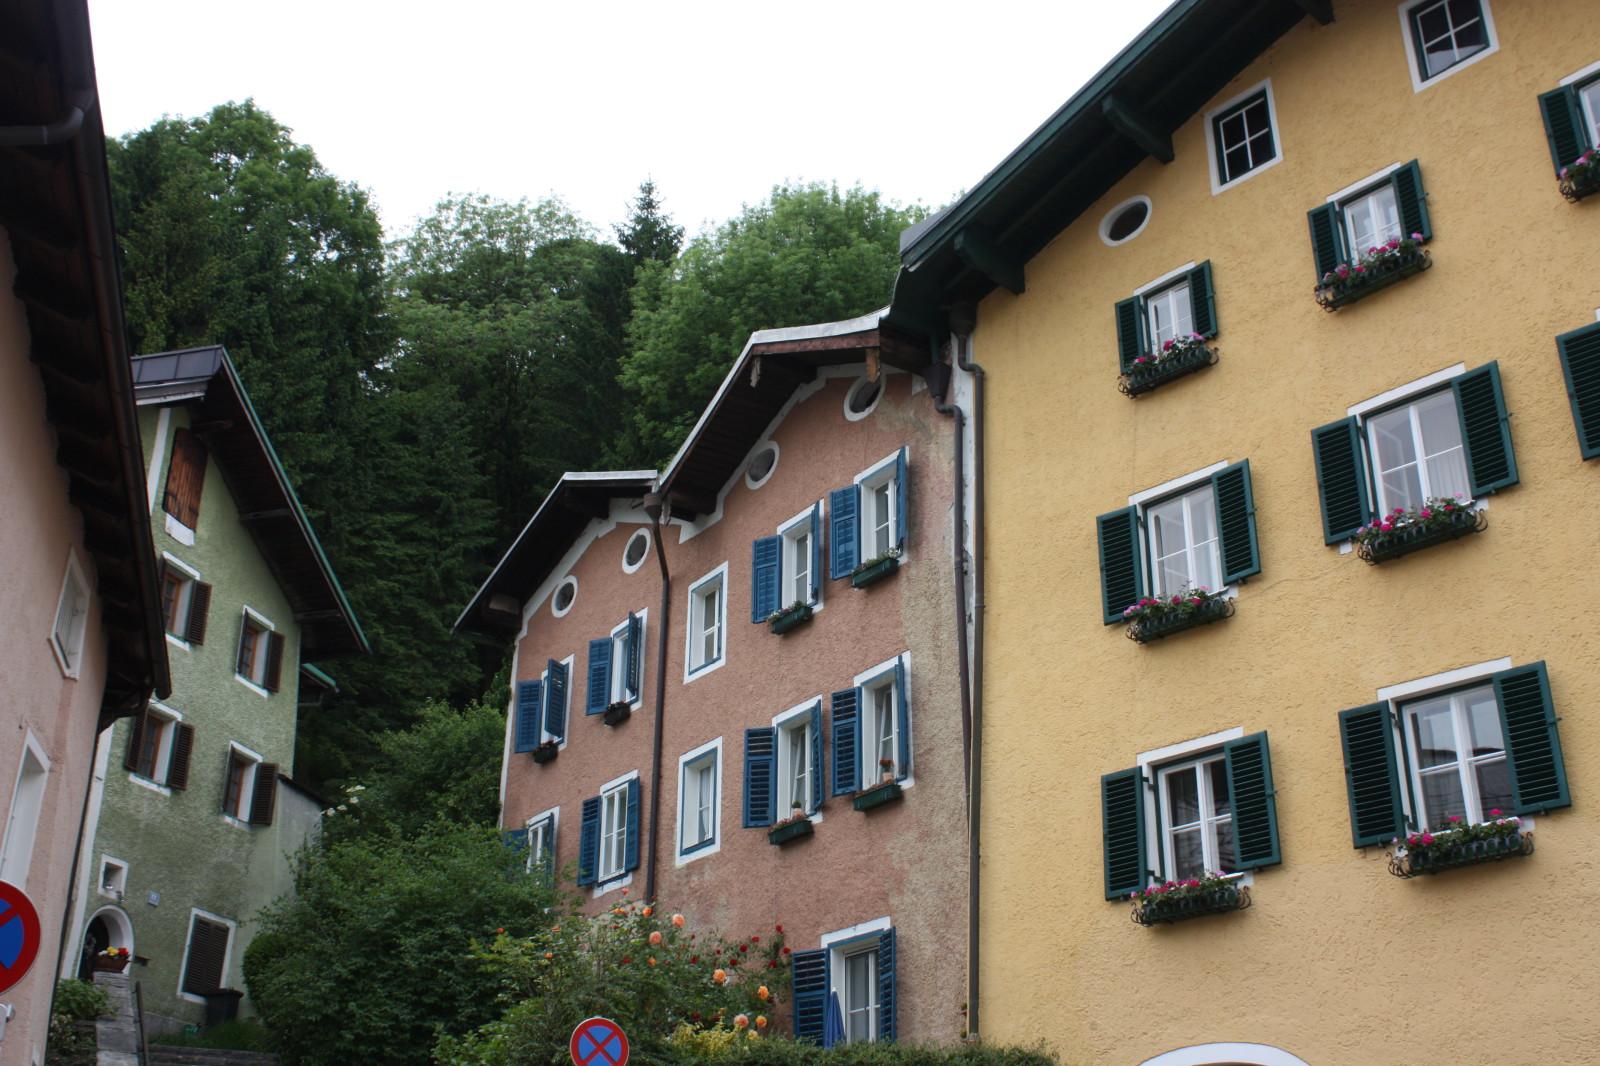 Häuser umgeben von Naturspektakel